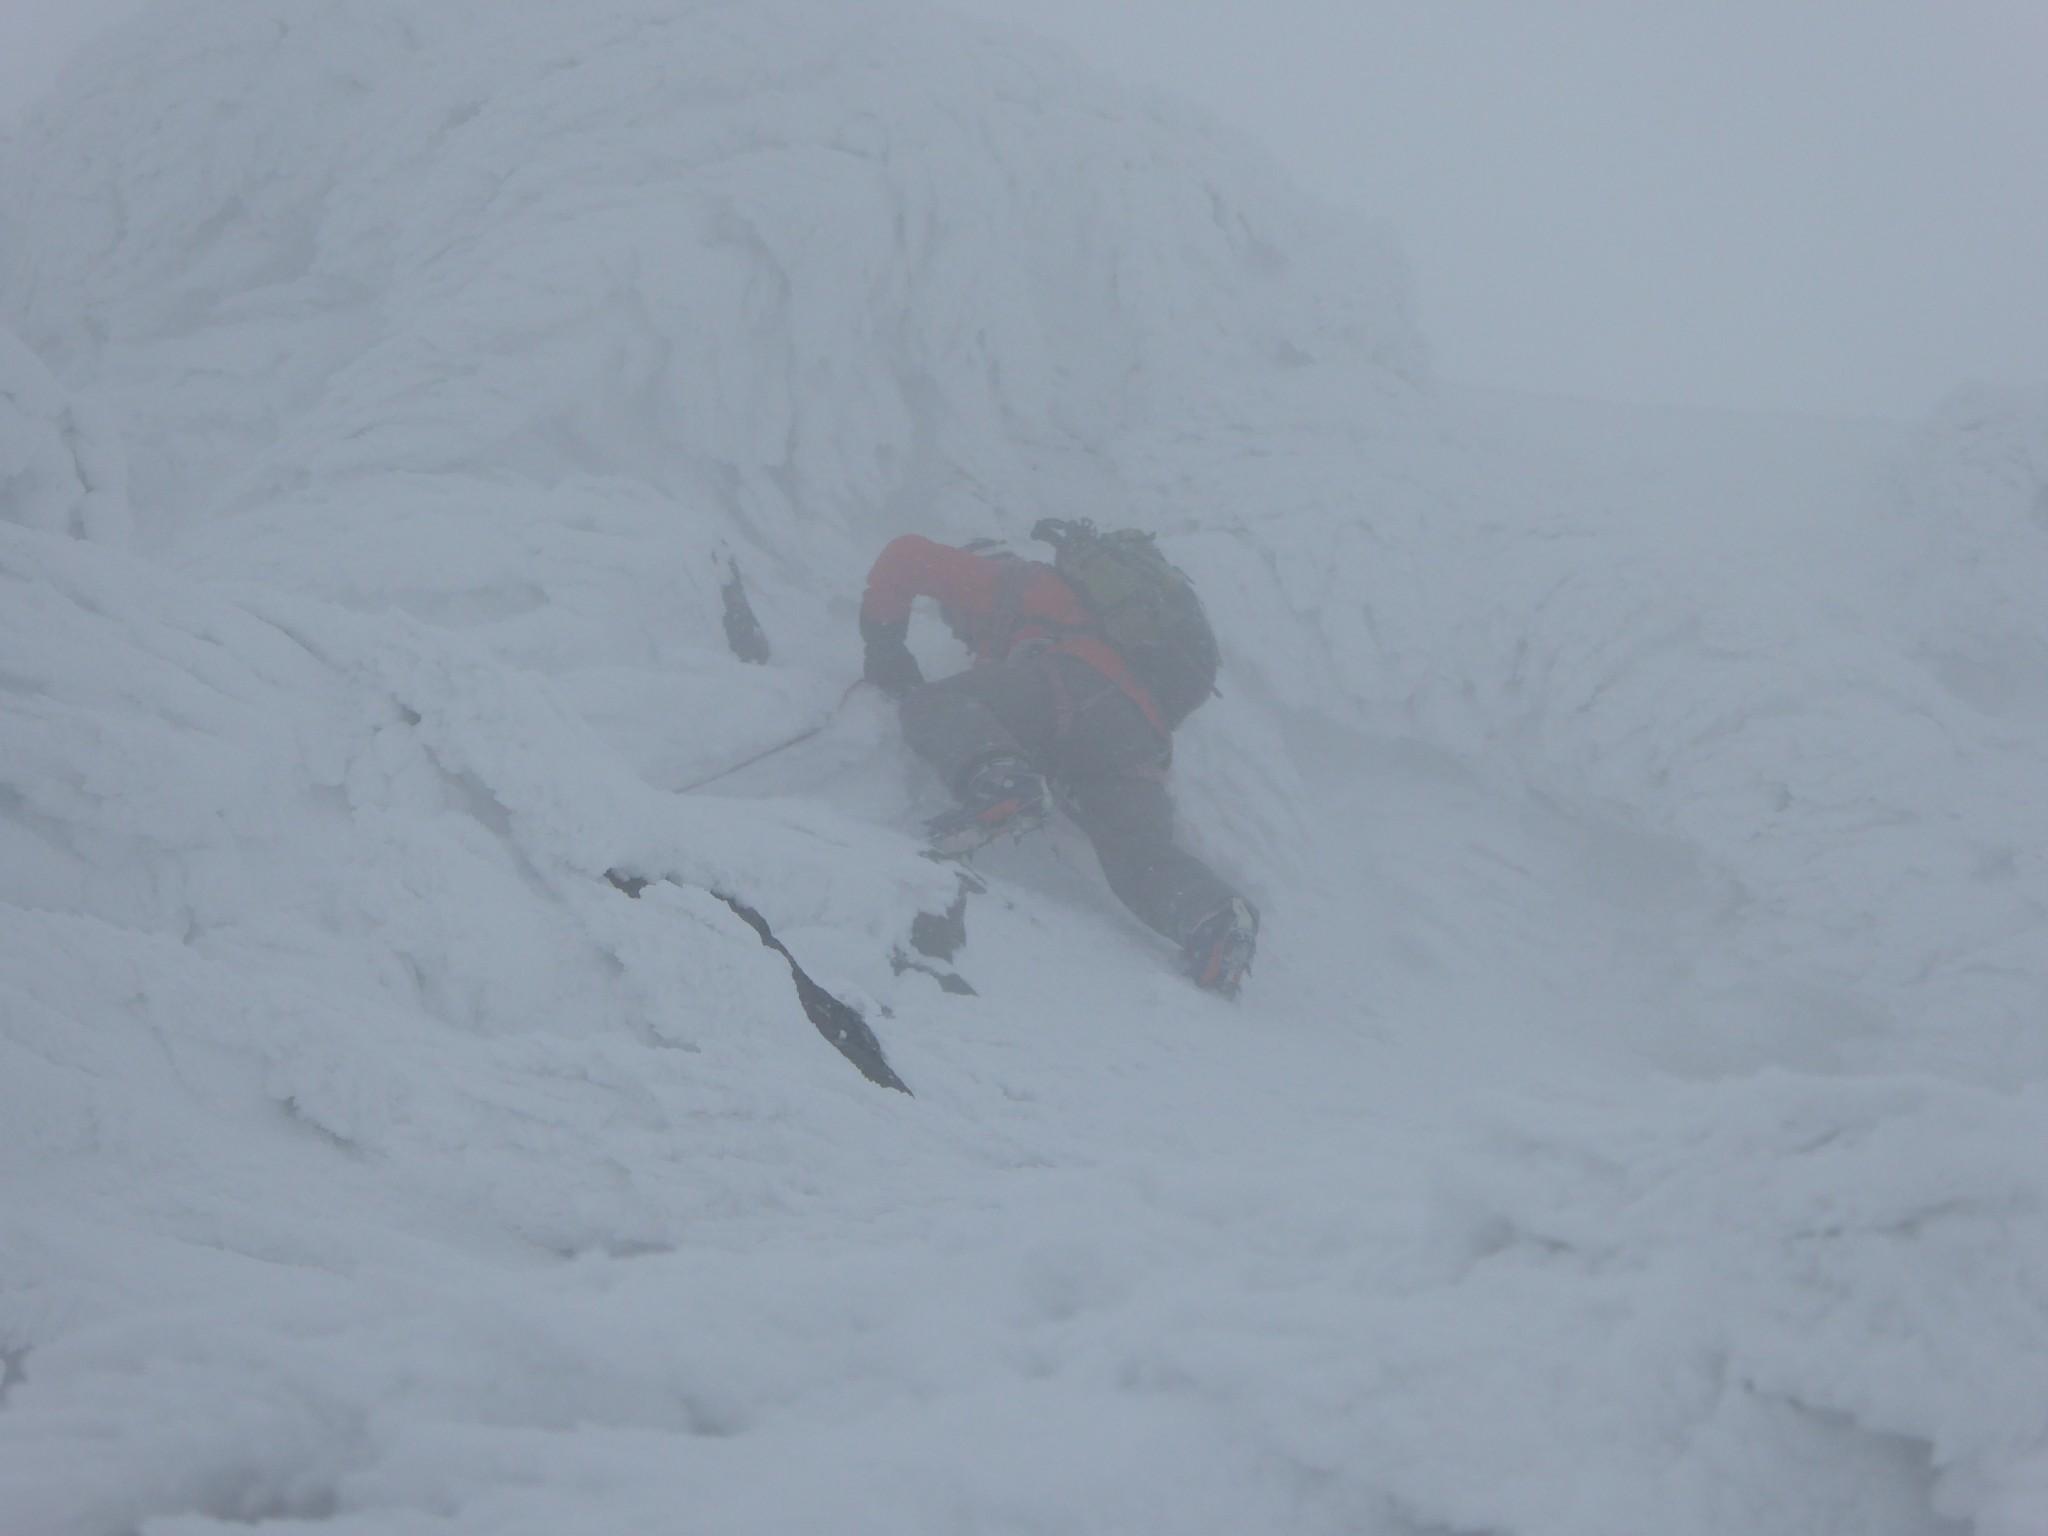 ウインター・クライミング 上ホロカメットク山北西稜 (Winter climbing NW-ridge of Kamihorokamettoku)